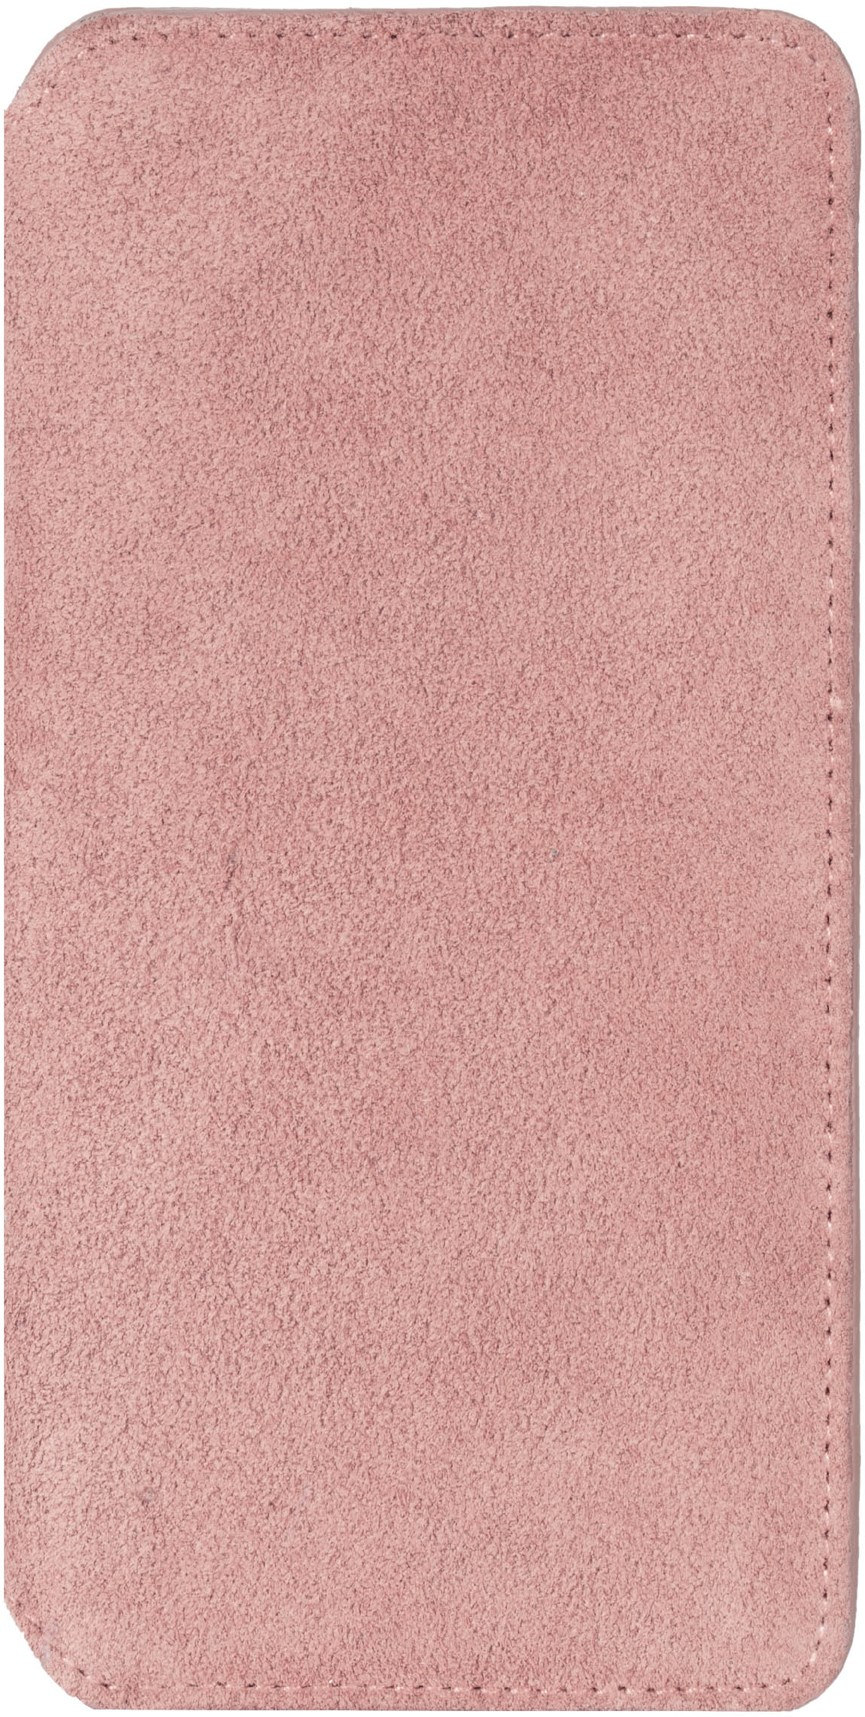 Krusell Broby 4 Card Slimwallet Samsung Galaxy S10 Pink